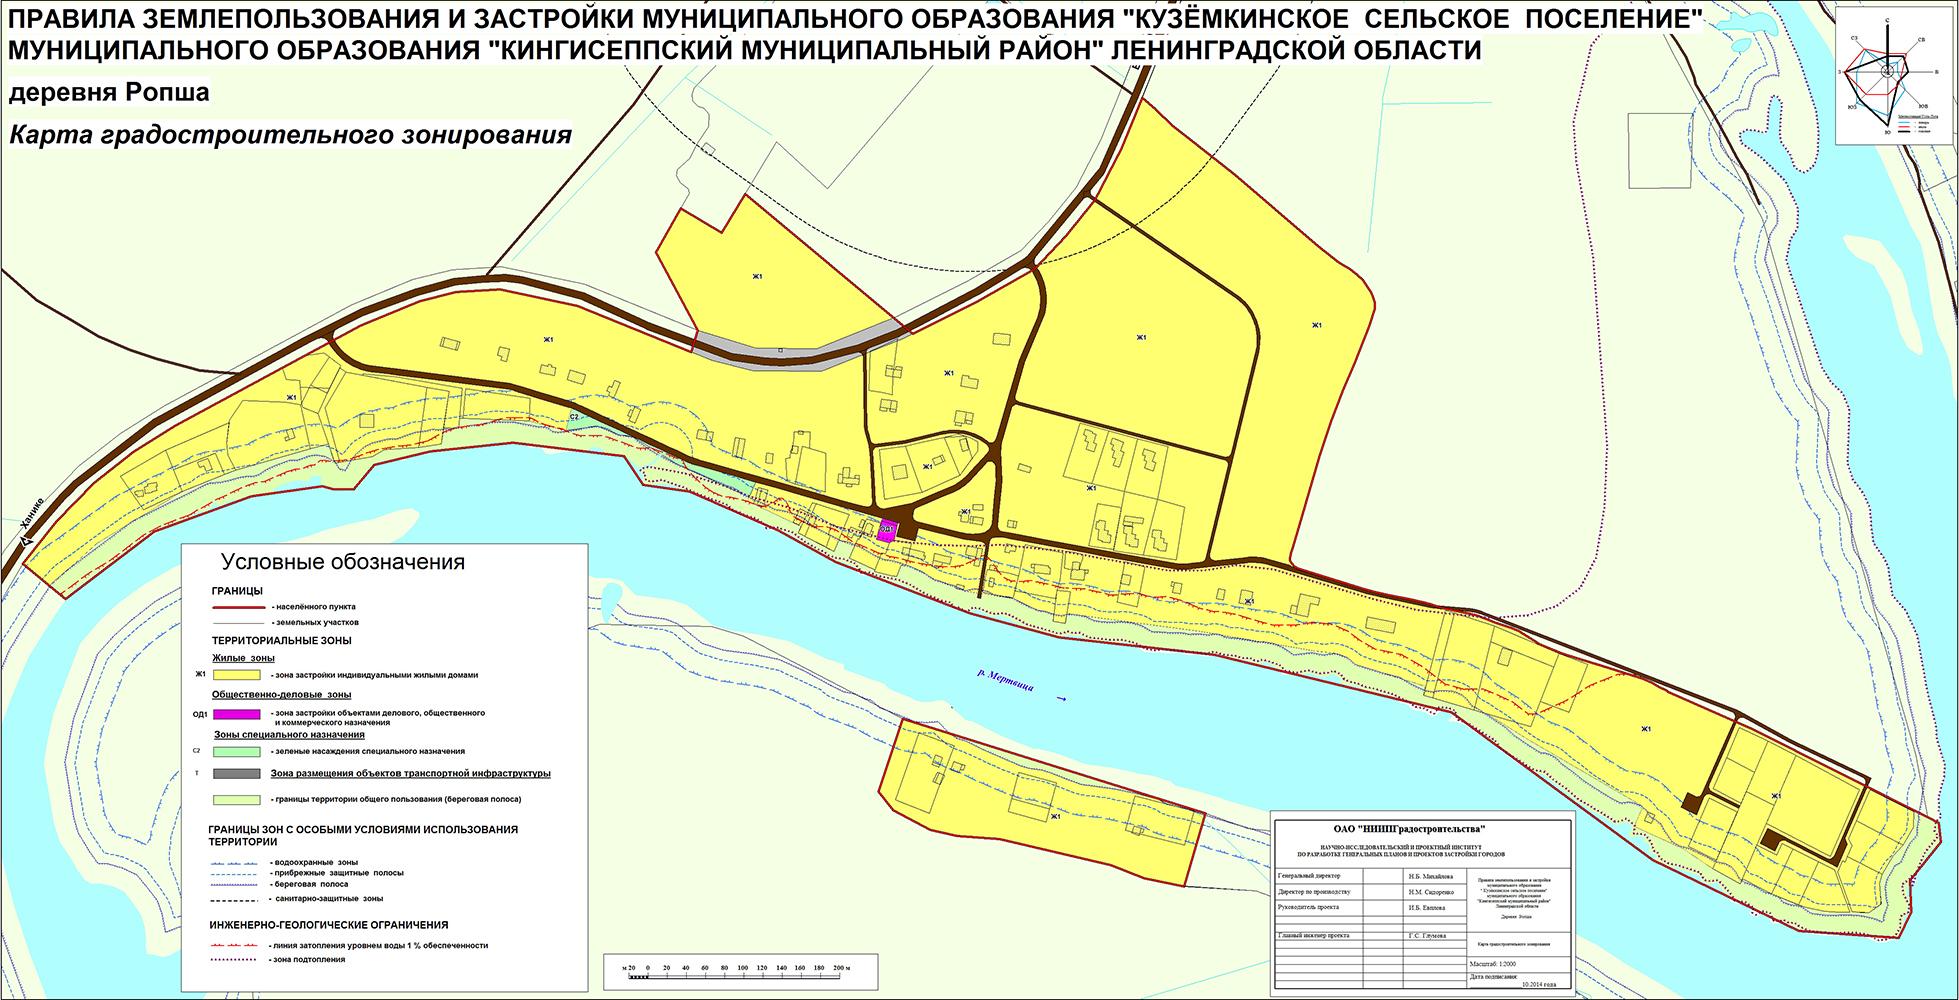 Деревня Ропша